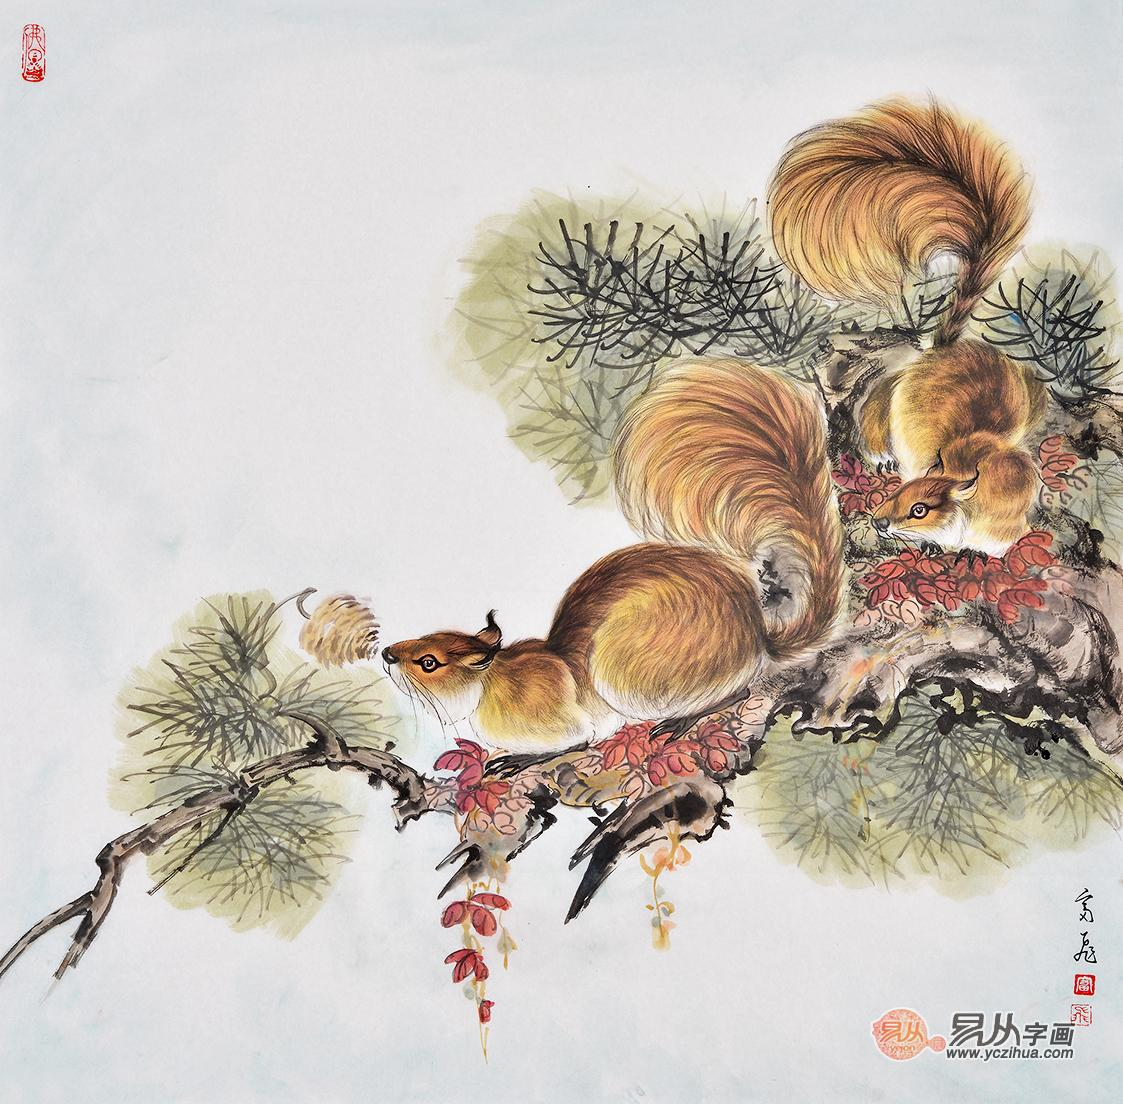 富飞老师,现在带大家欣赏老师的国画松鼠作品.